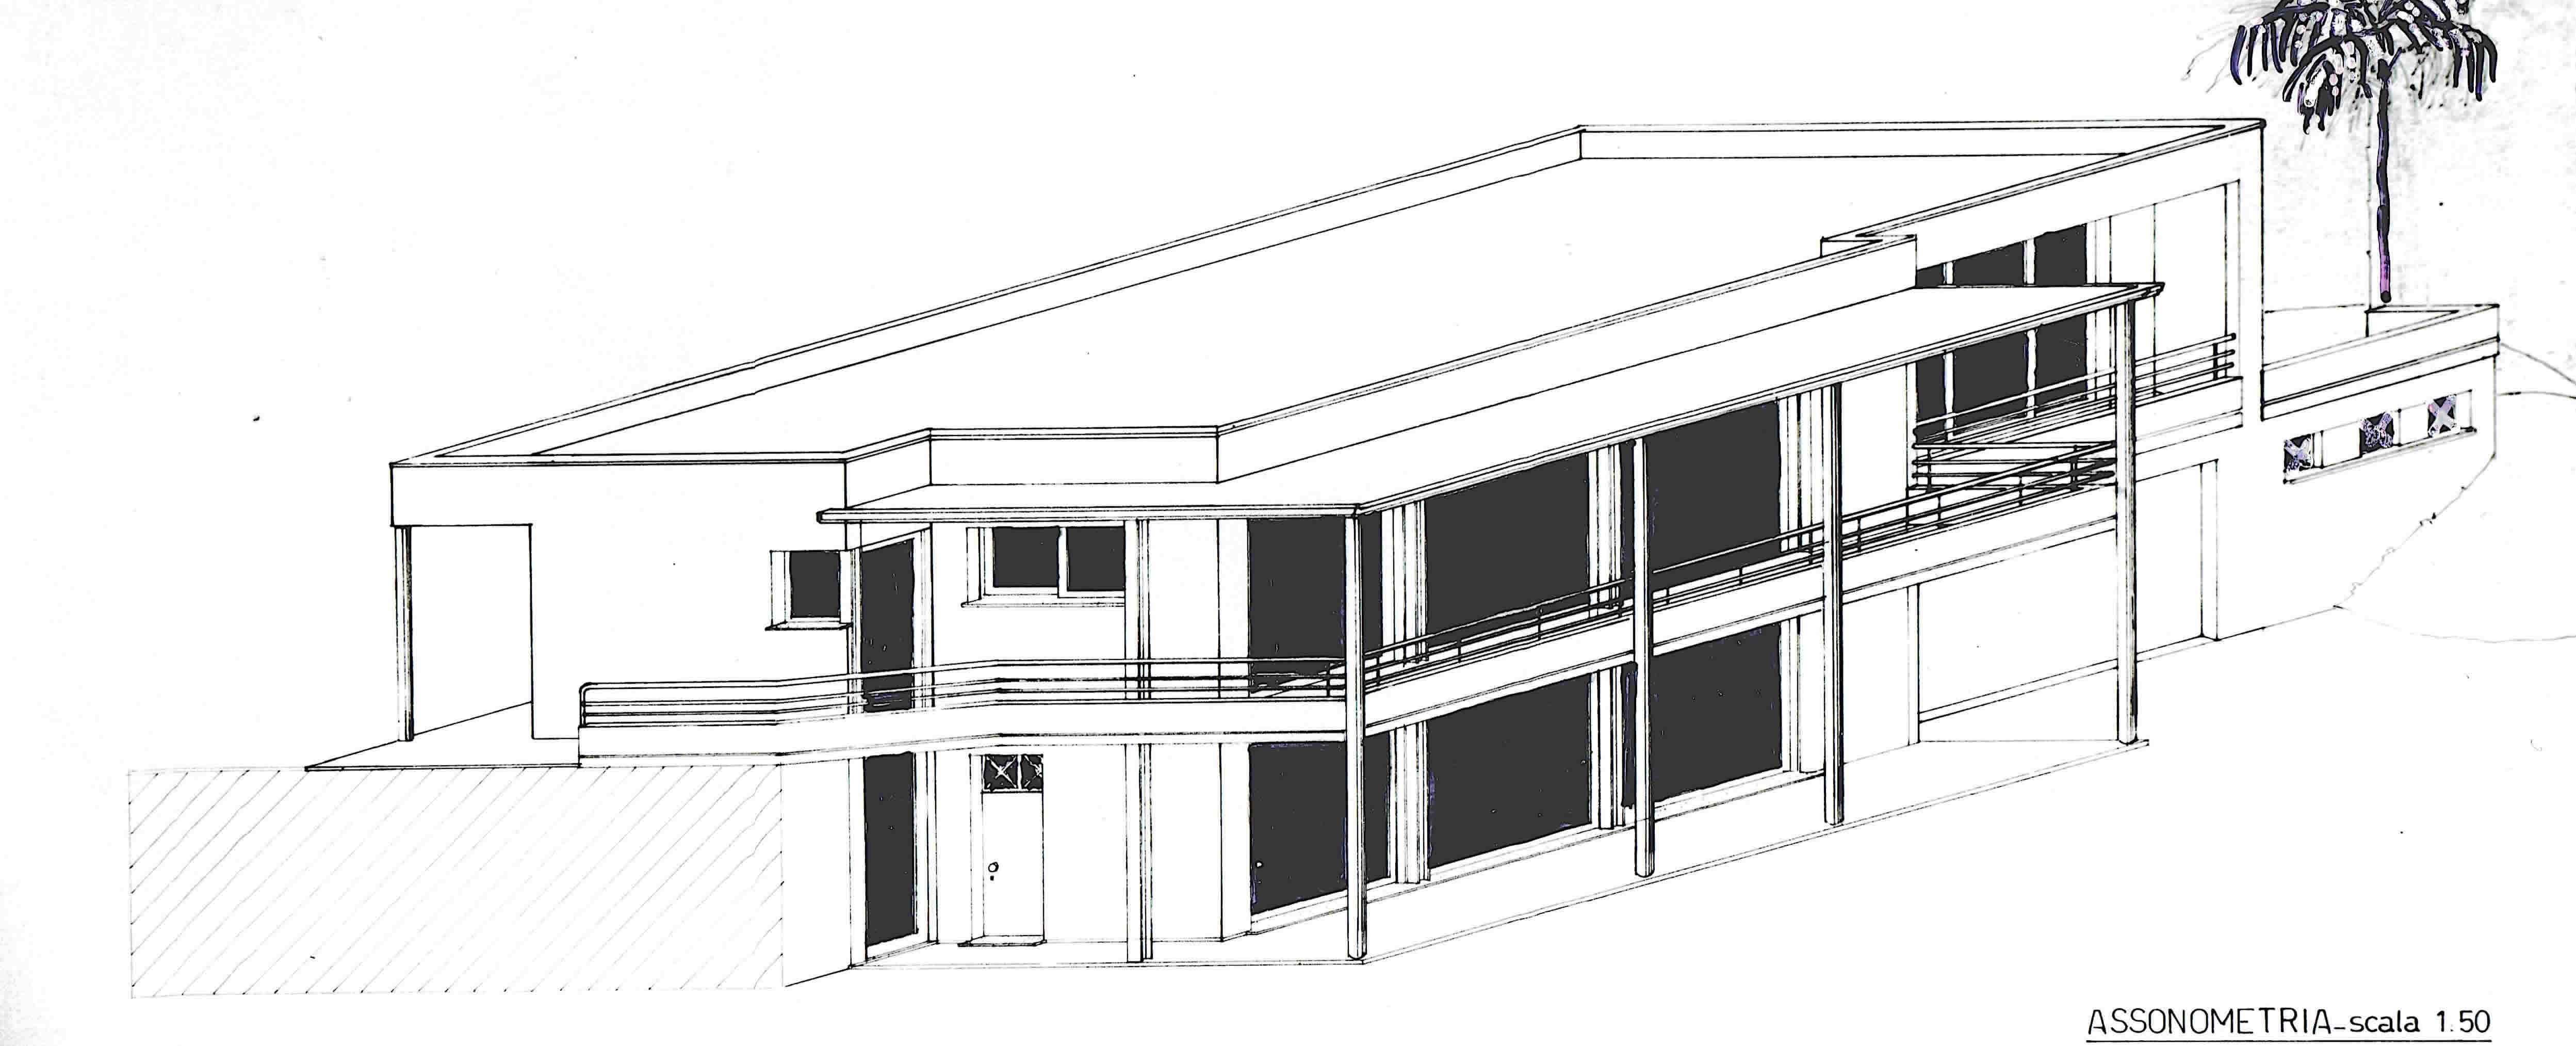 Plan architecture overgreen villa